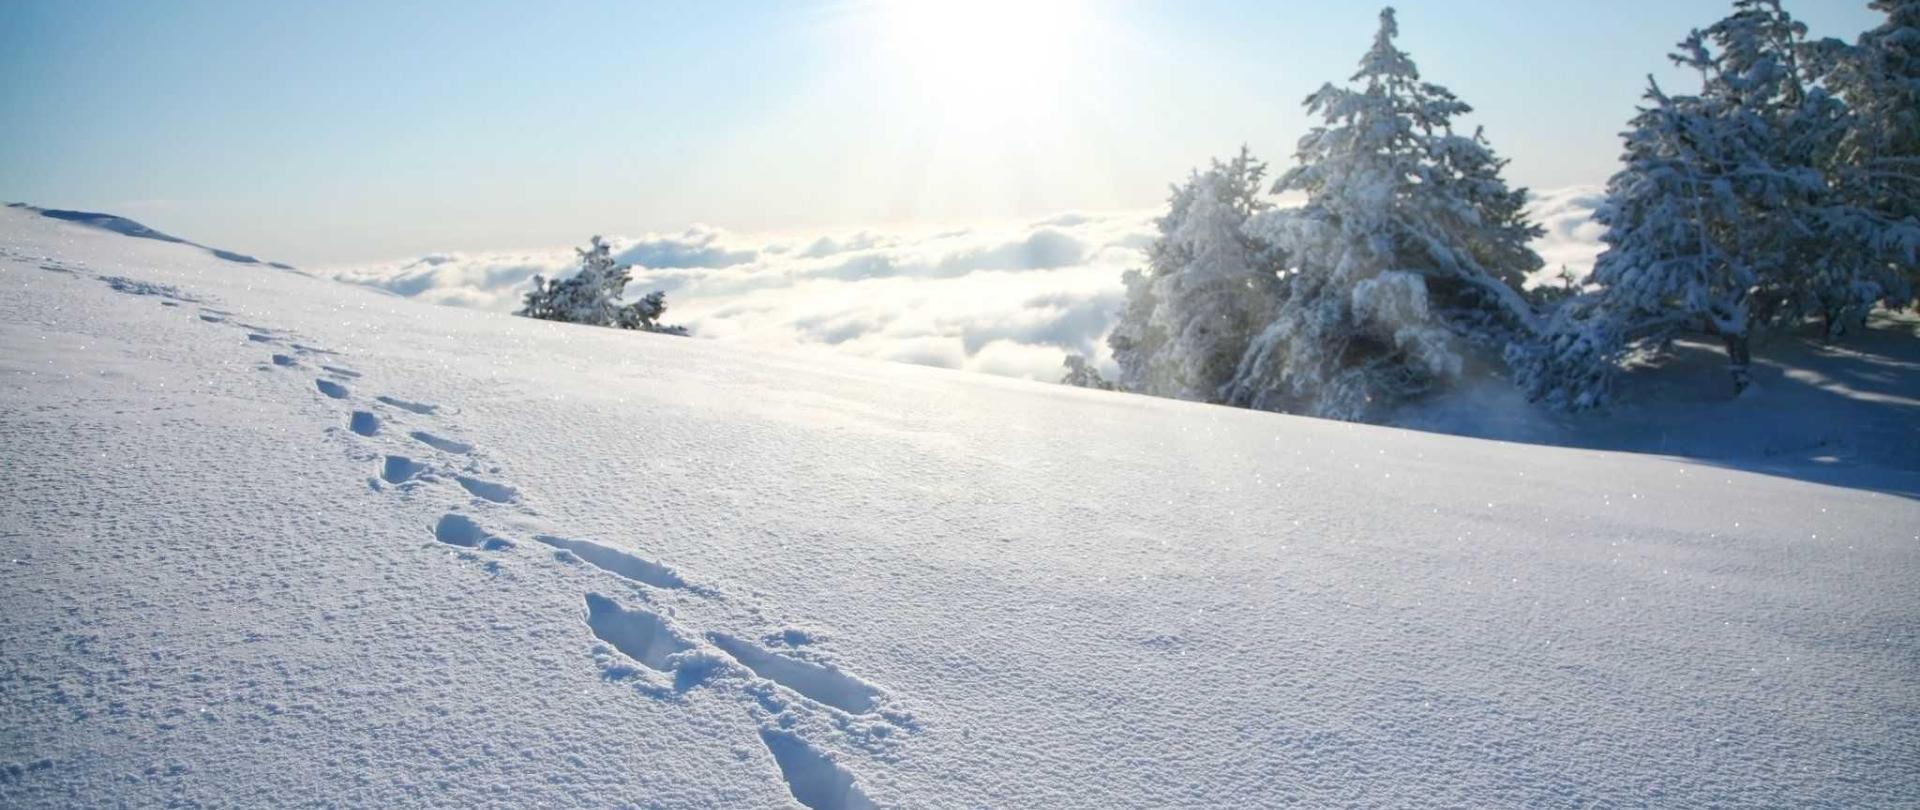 spuren-im-schnee-sonnenschein-1.jpg